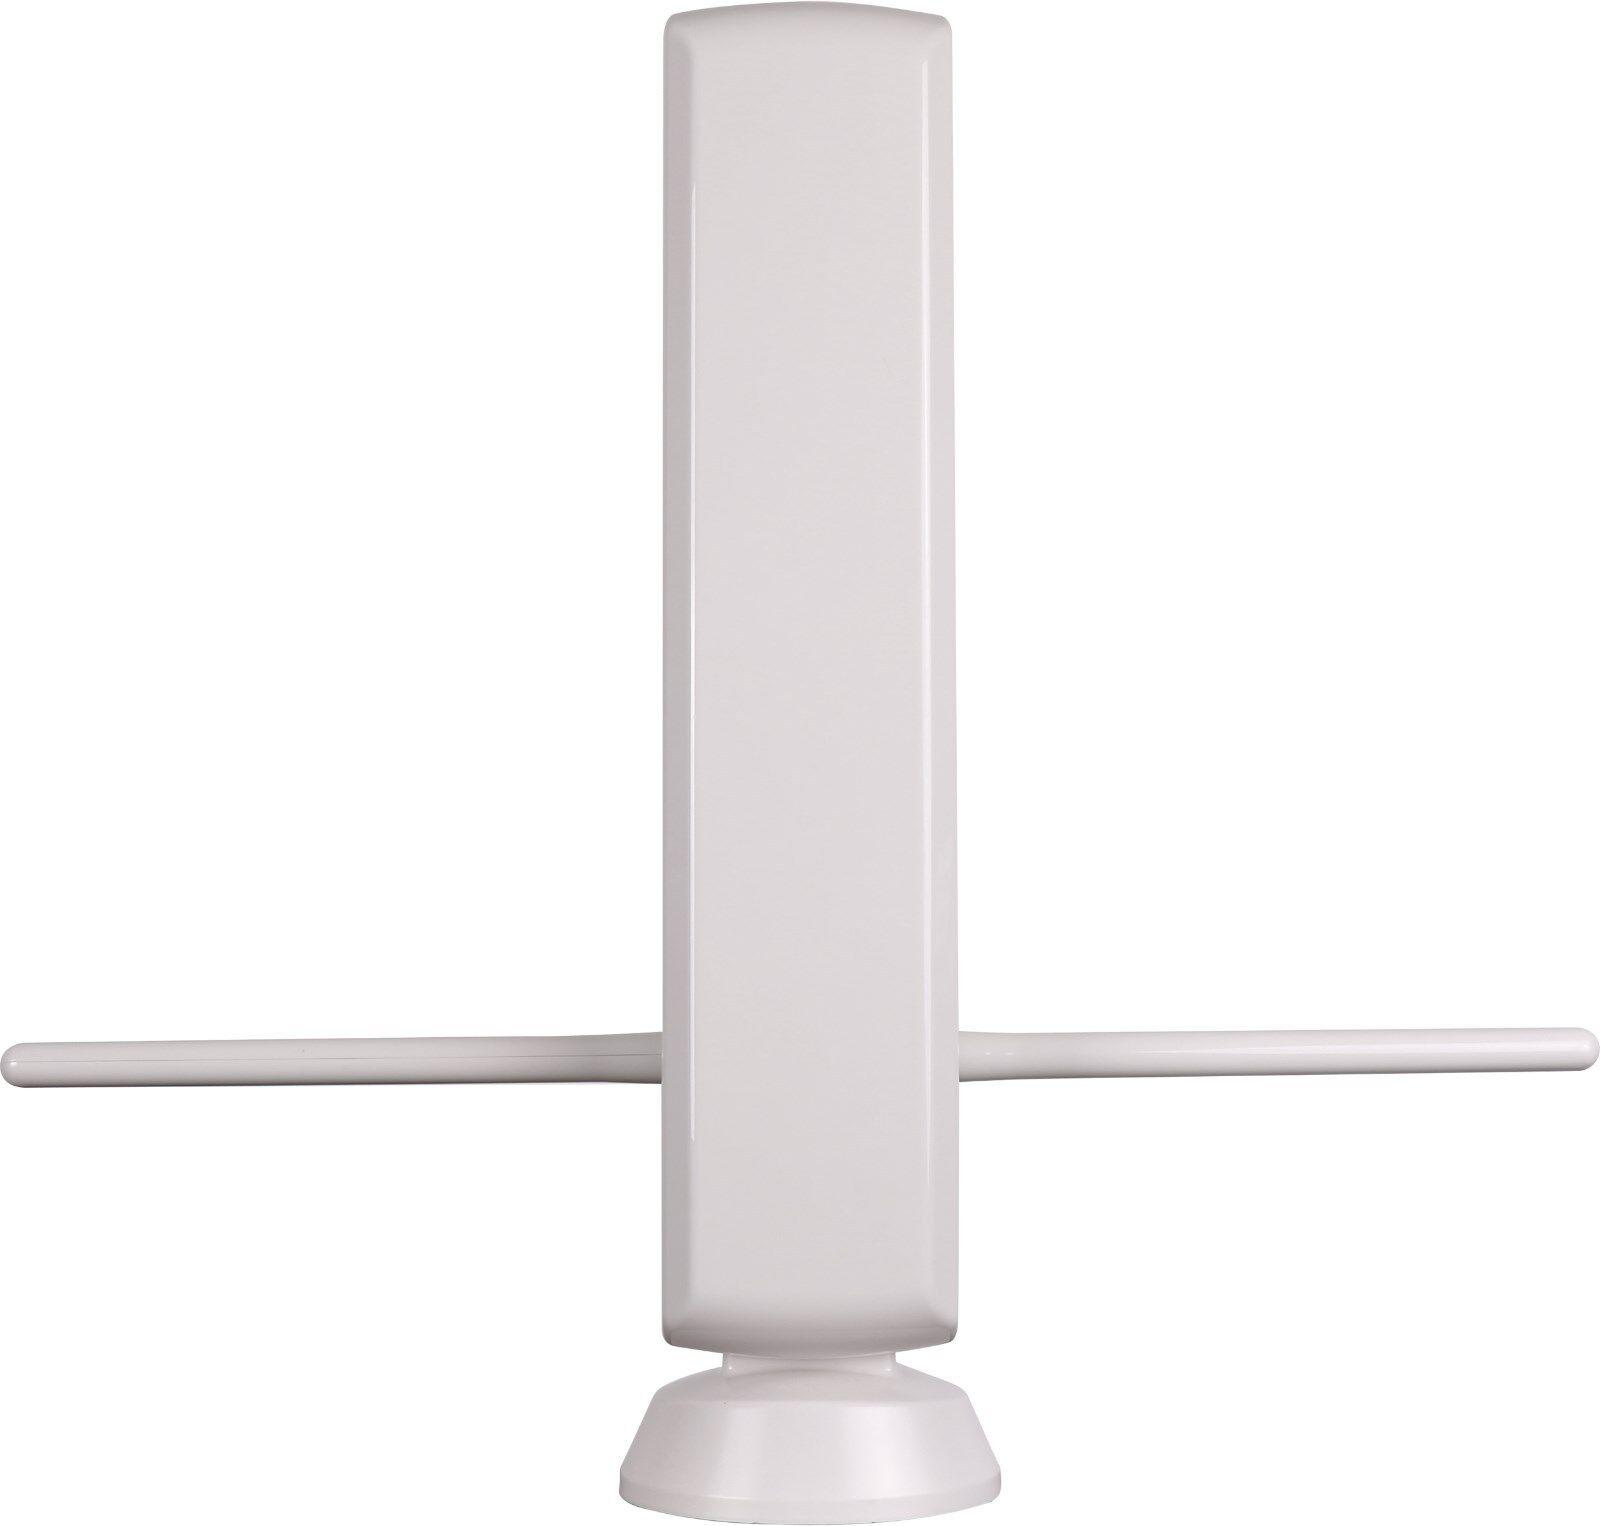 HDTV Long Distance Amplified Indoor/Outdoor Digital TV Anten